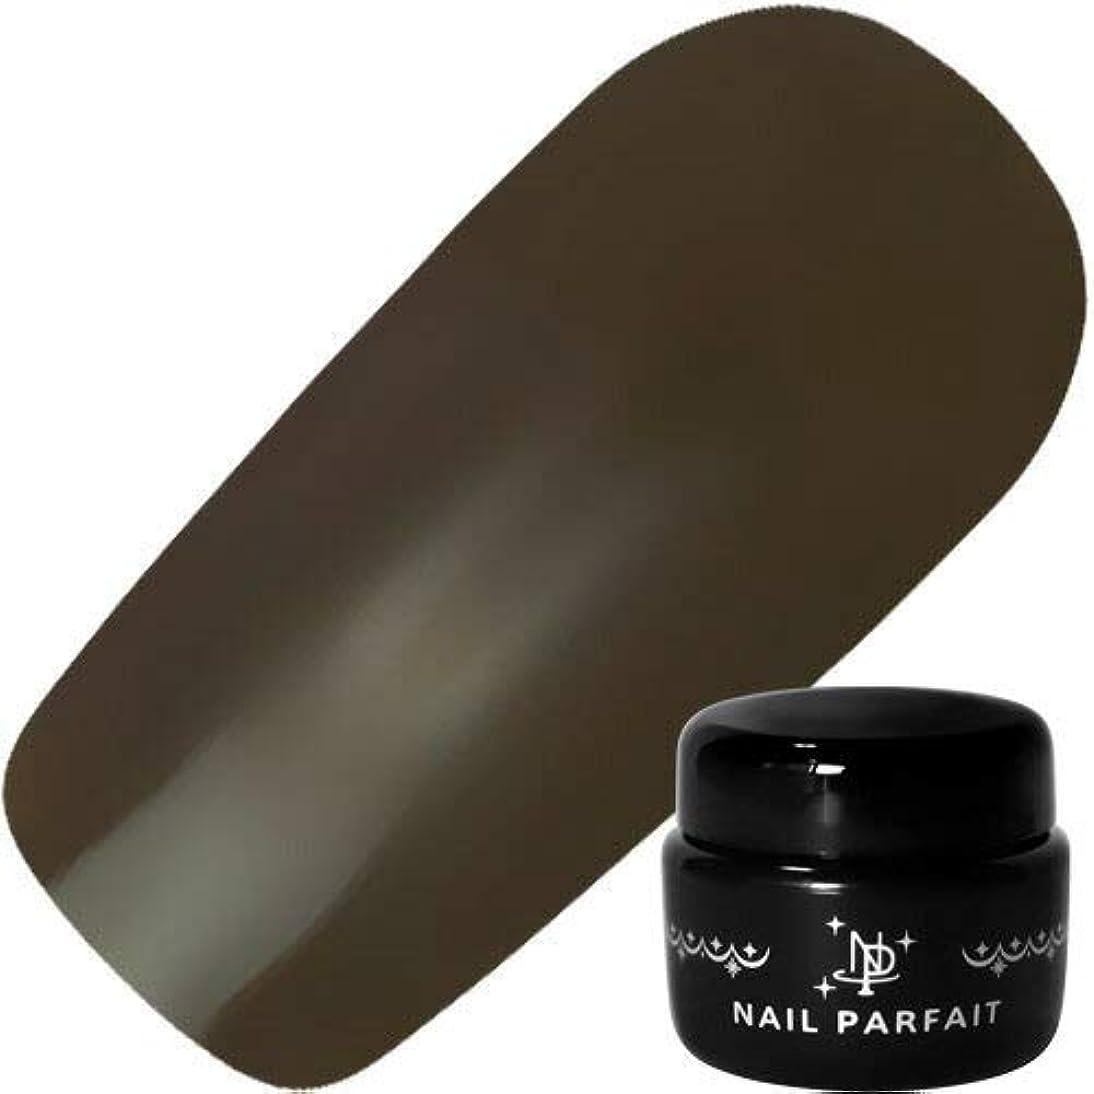 故意のまた消費NAIL PARFAIT ネイルパフェ カラージェル T02 トールブラウン 2g 【ジェル/カラージェル?ネイル用品】